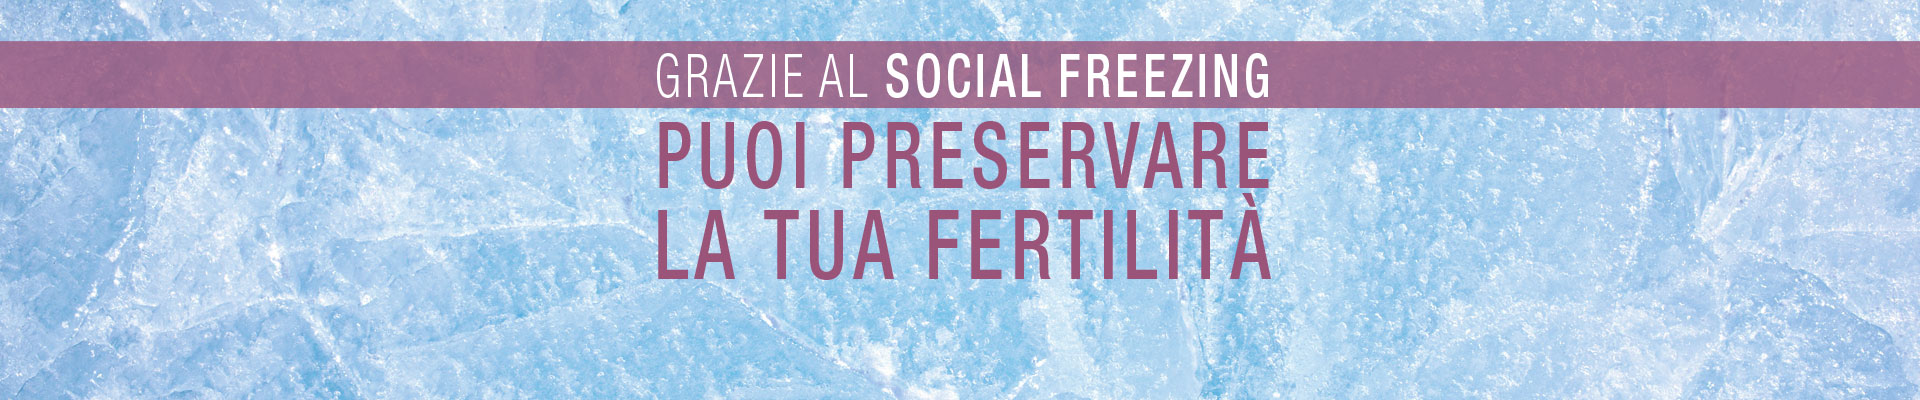 Social Freezing Centro Palmer - slide